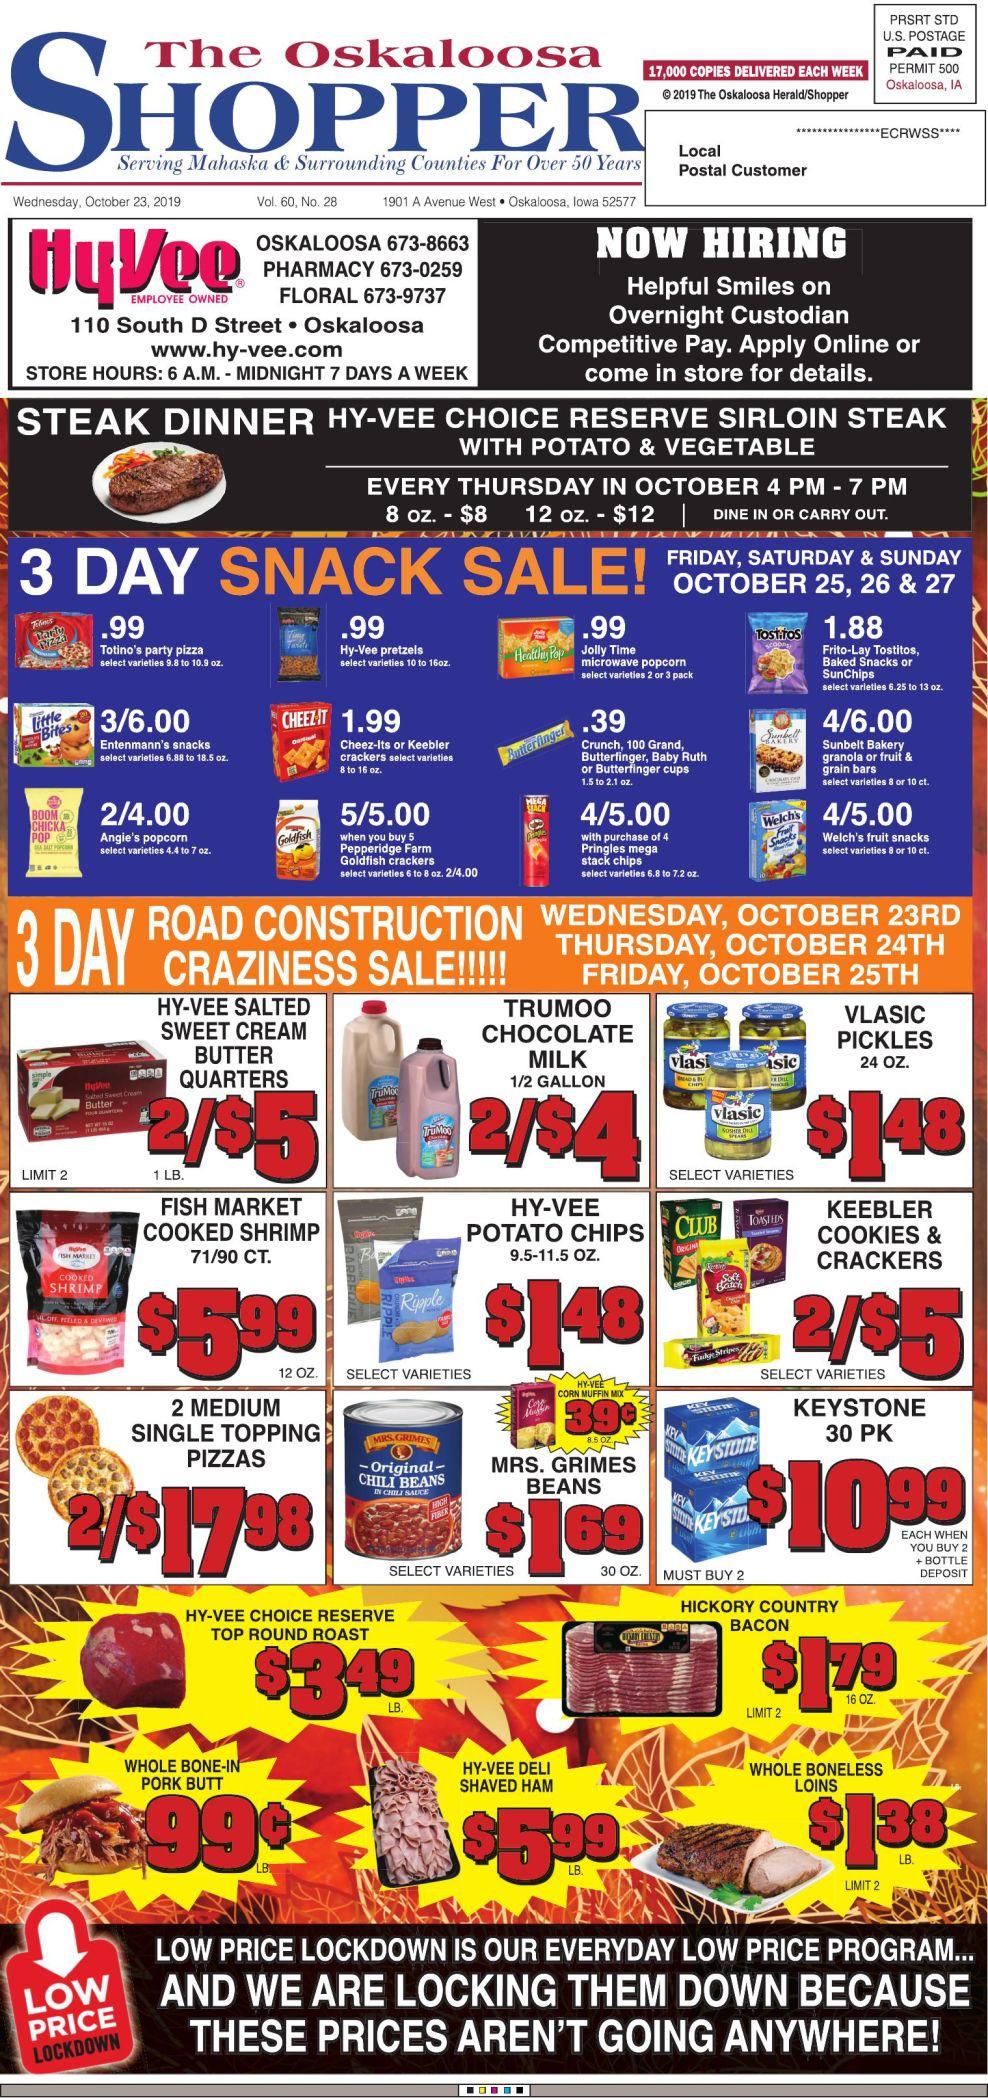 Oskaloosa Shopper week of 10/23/19